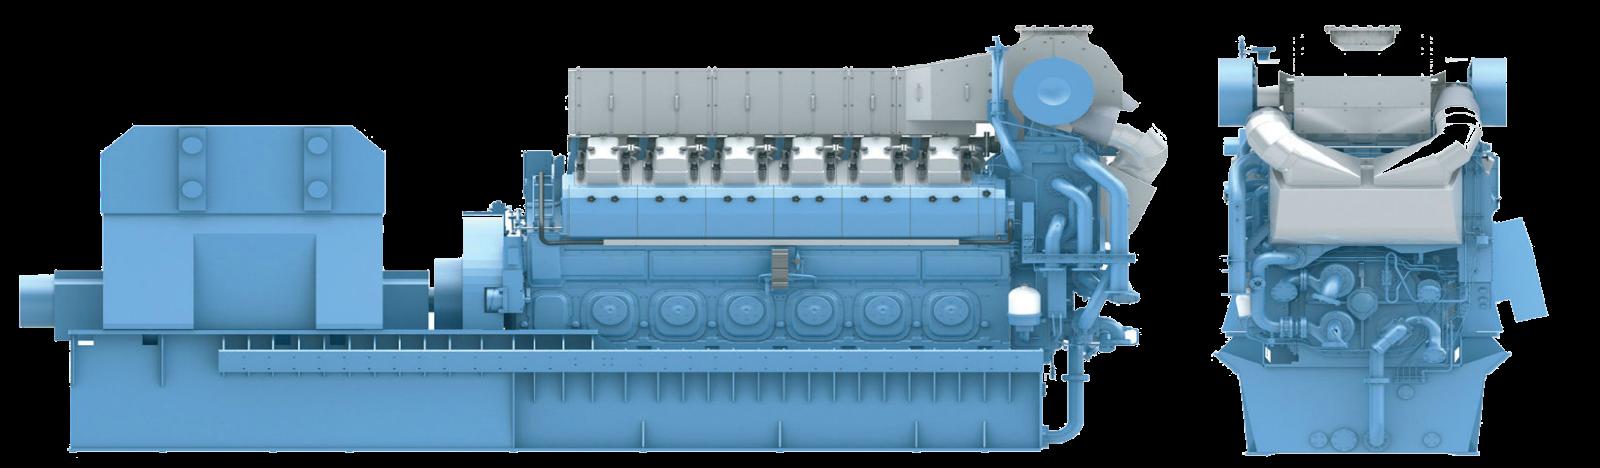 Gas / Diesel Generators